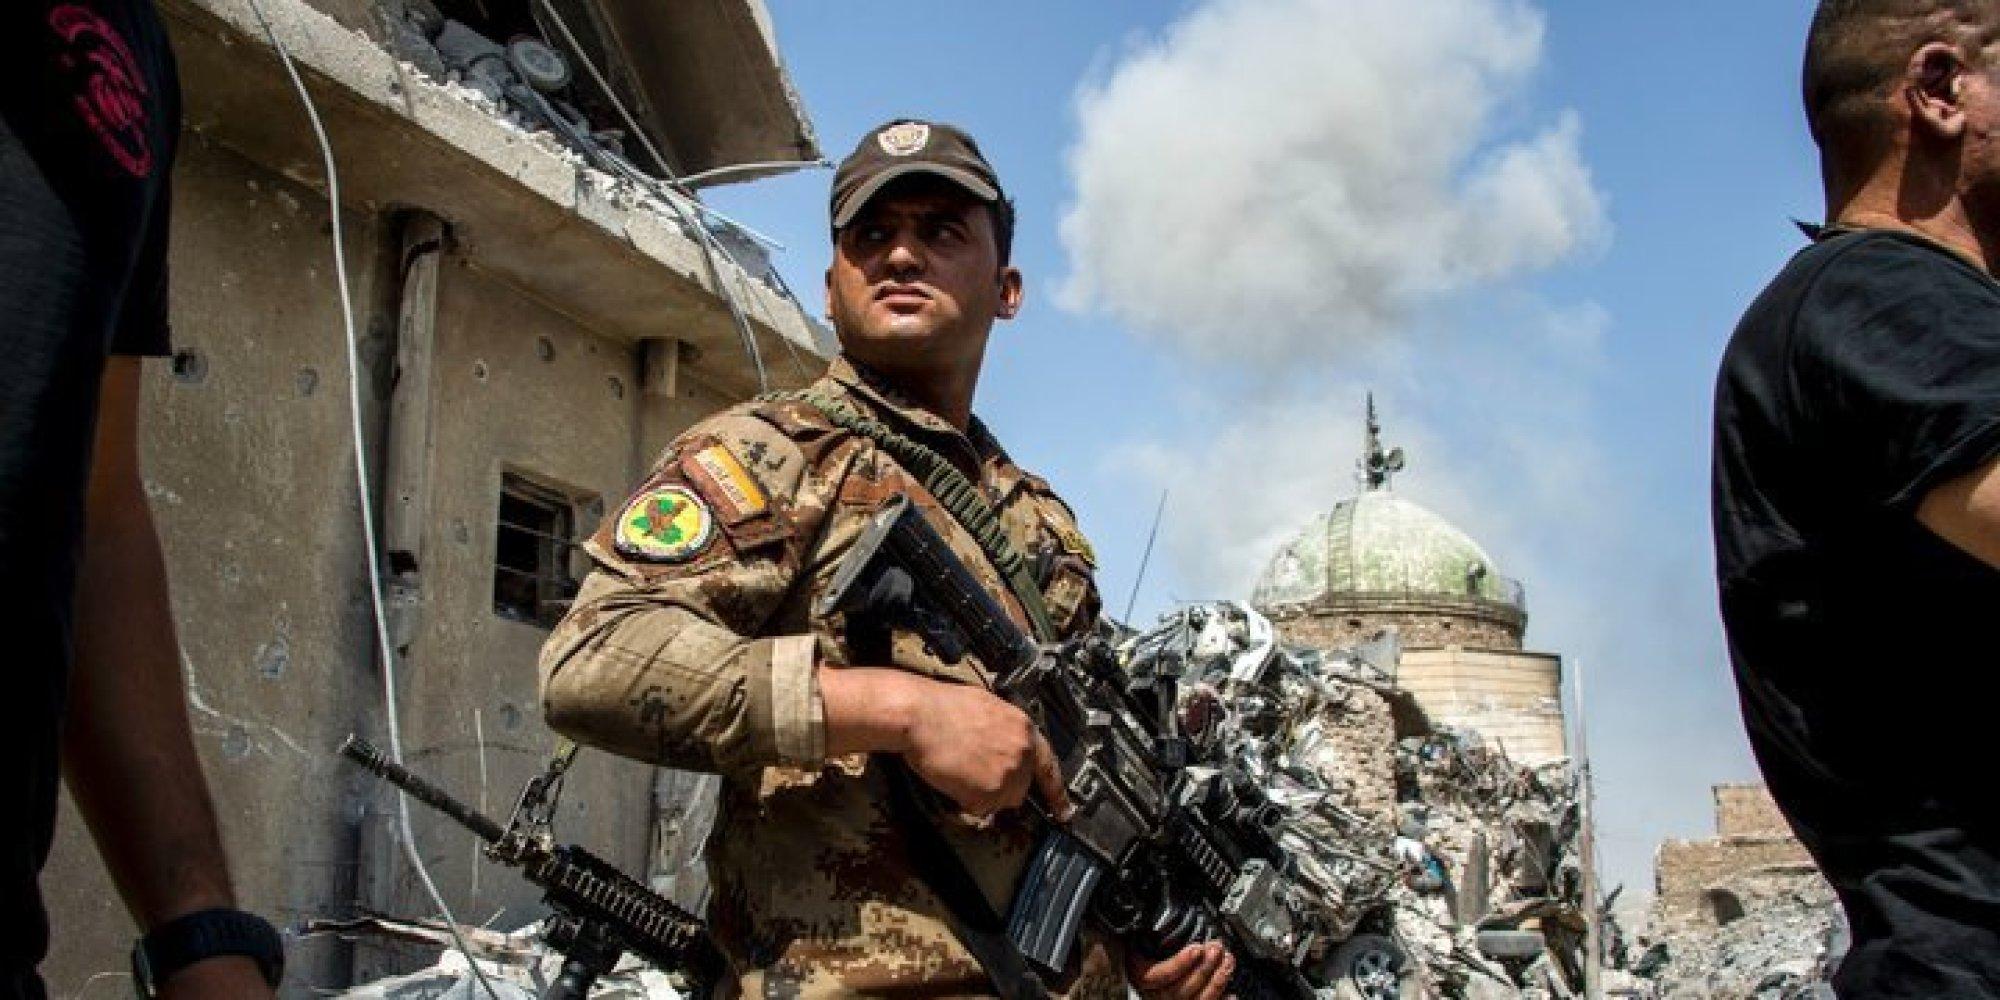 سقوط الموصل قد يكون بداية لنسخة جديدة من داعش وليس نهاية له